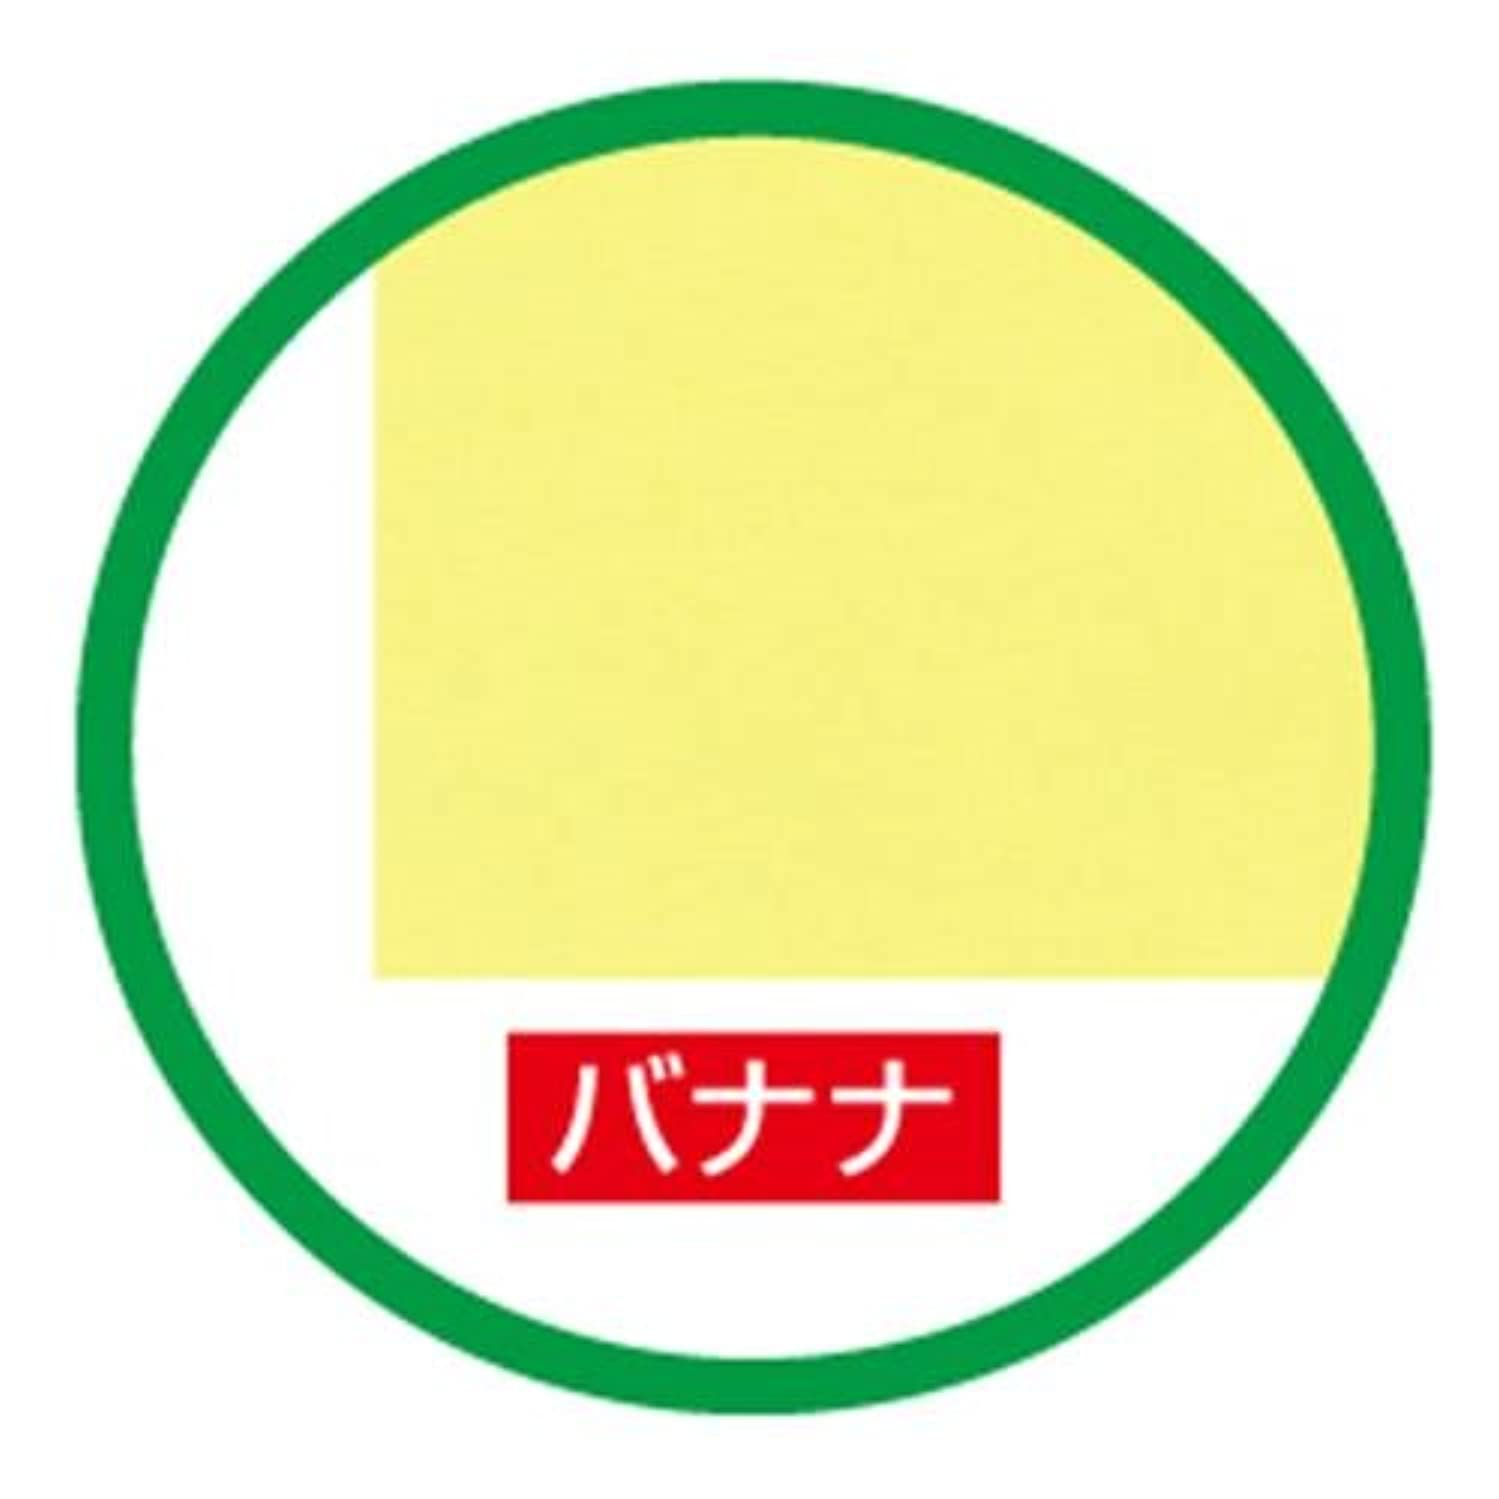 提供好きである阻害する再生色画用紙全判10枚バナナ 192-024